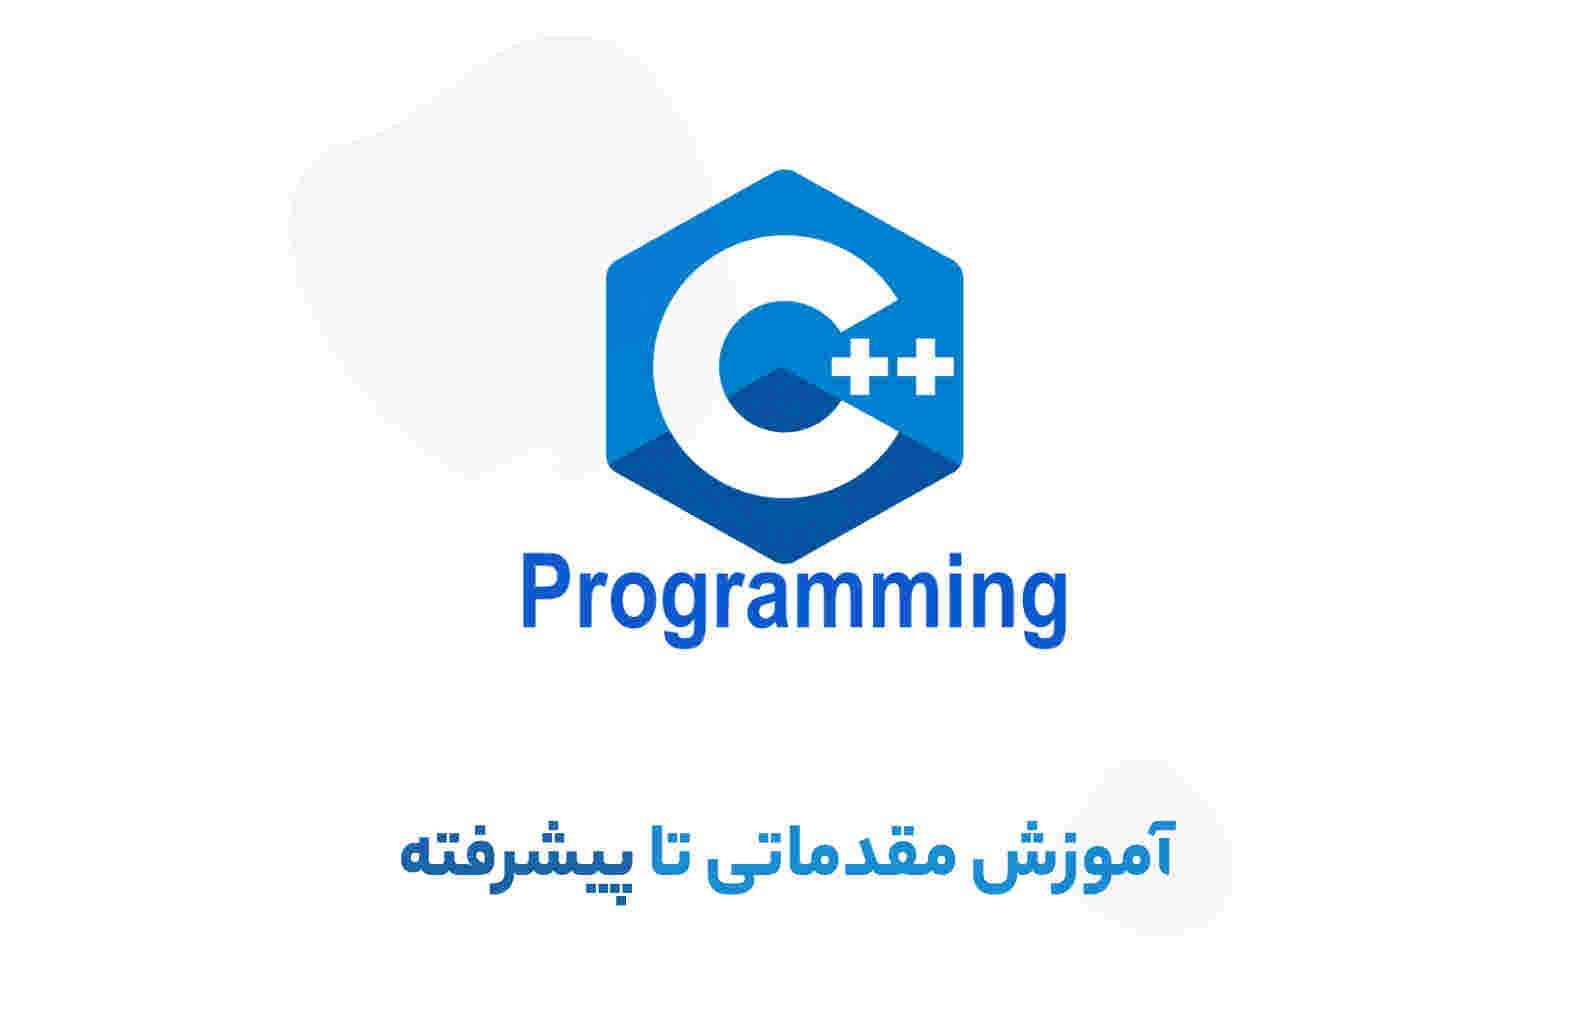 آموزش جامع برنامه نویسی ++C پروژه محور – مقدماتی تا پیشرفته